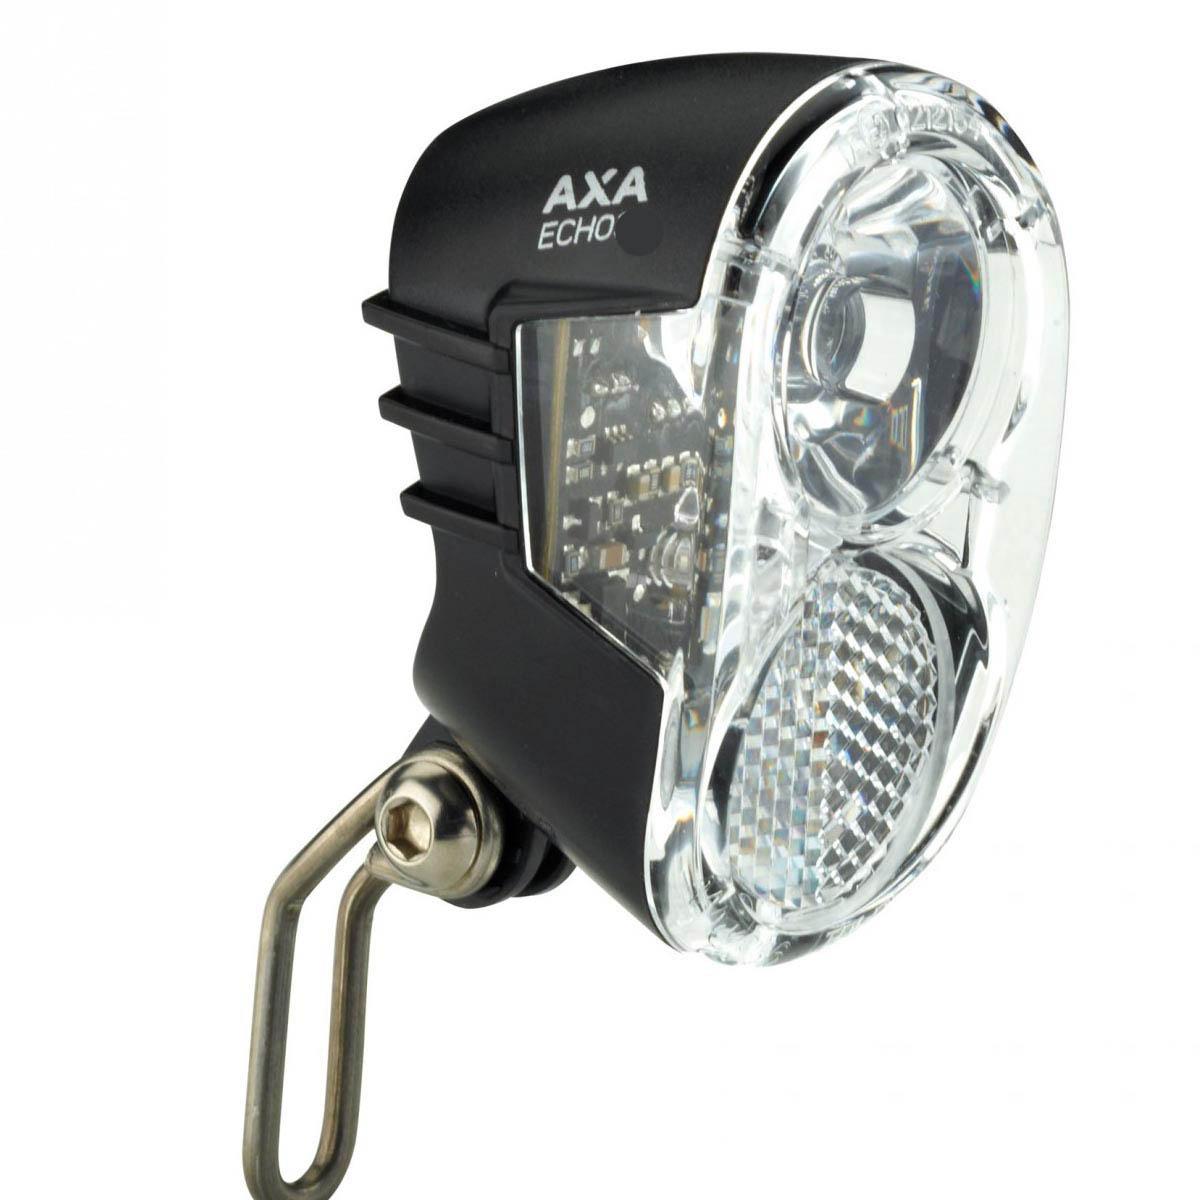 axa echo 15 ledes dinamós első lámpa állófénnyel_